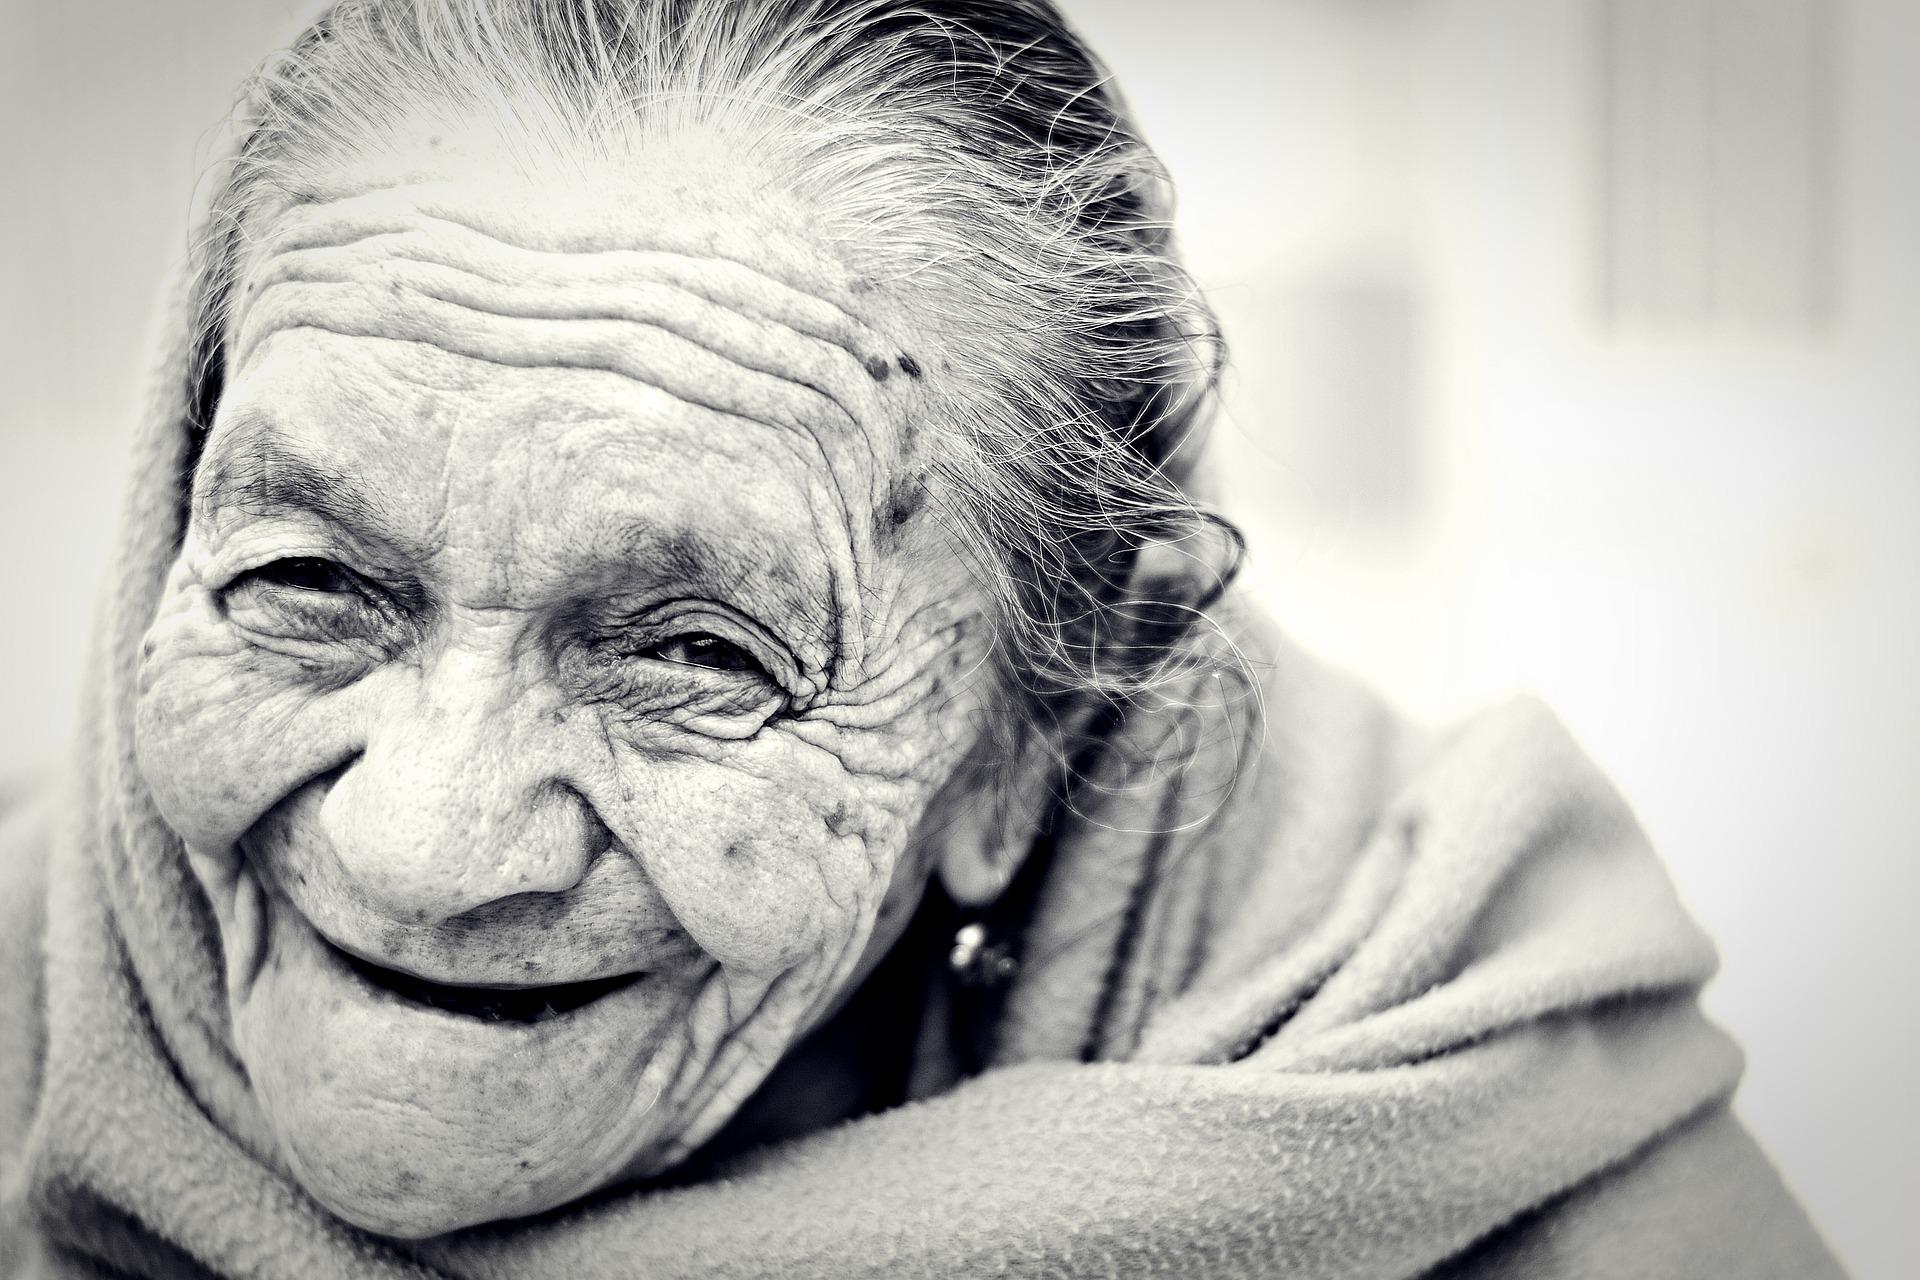 100歳以上生きる人に共通する9つの法則。